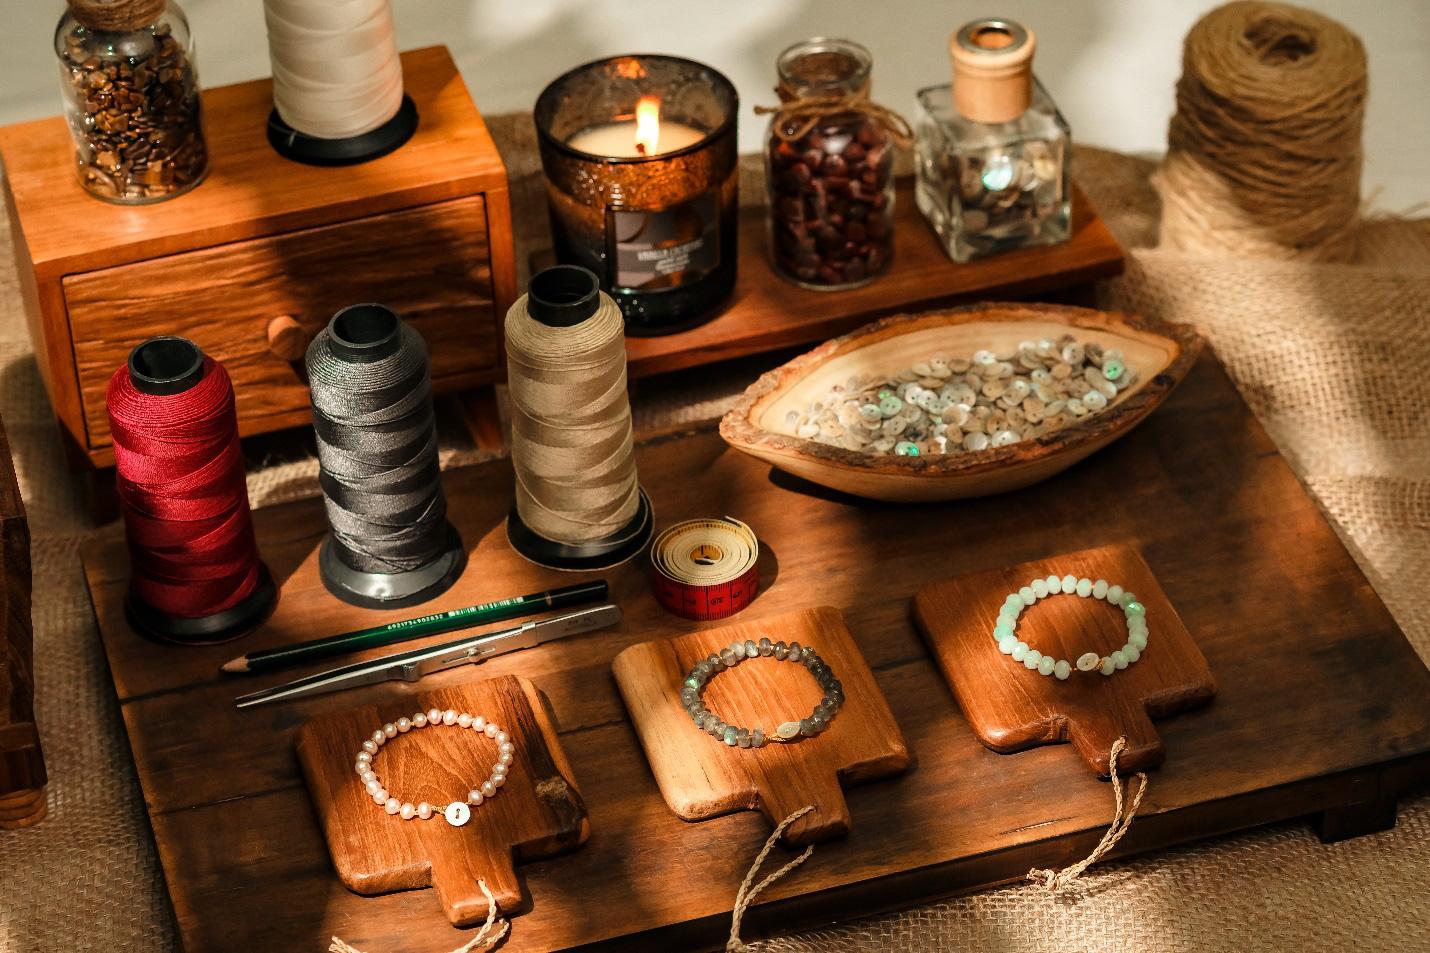 Tiệm Đá Hoa Cúc – Tiệm đá trang sức với 60 loại đá quý thiên nhiên không xử lý - Ảnh 3.